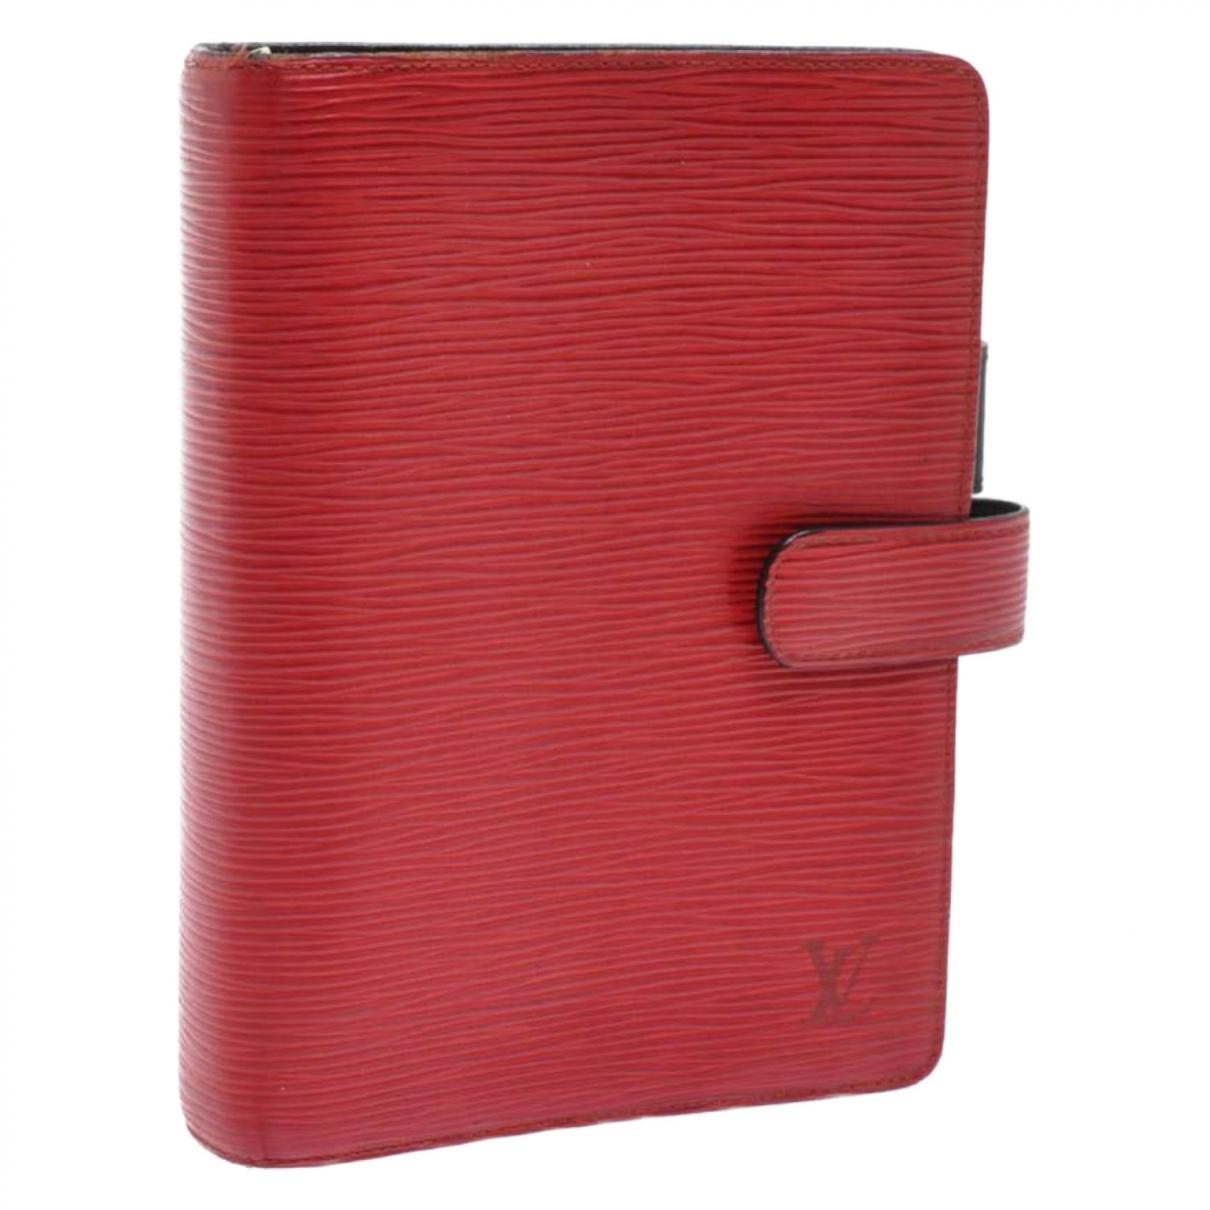 Louis Vuitton - Objets & Deco Couverture dagenda PM pour lifestyle en cuir - rouge